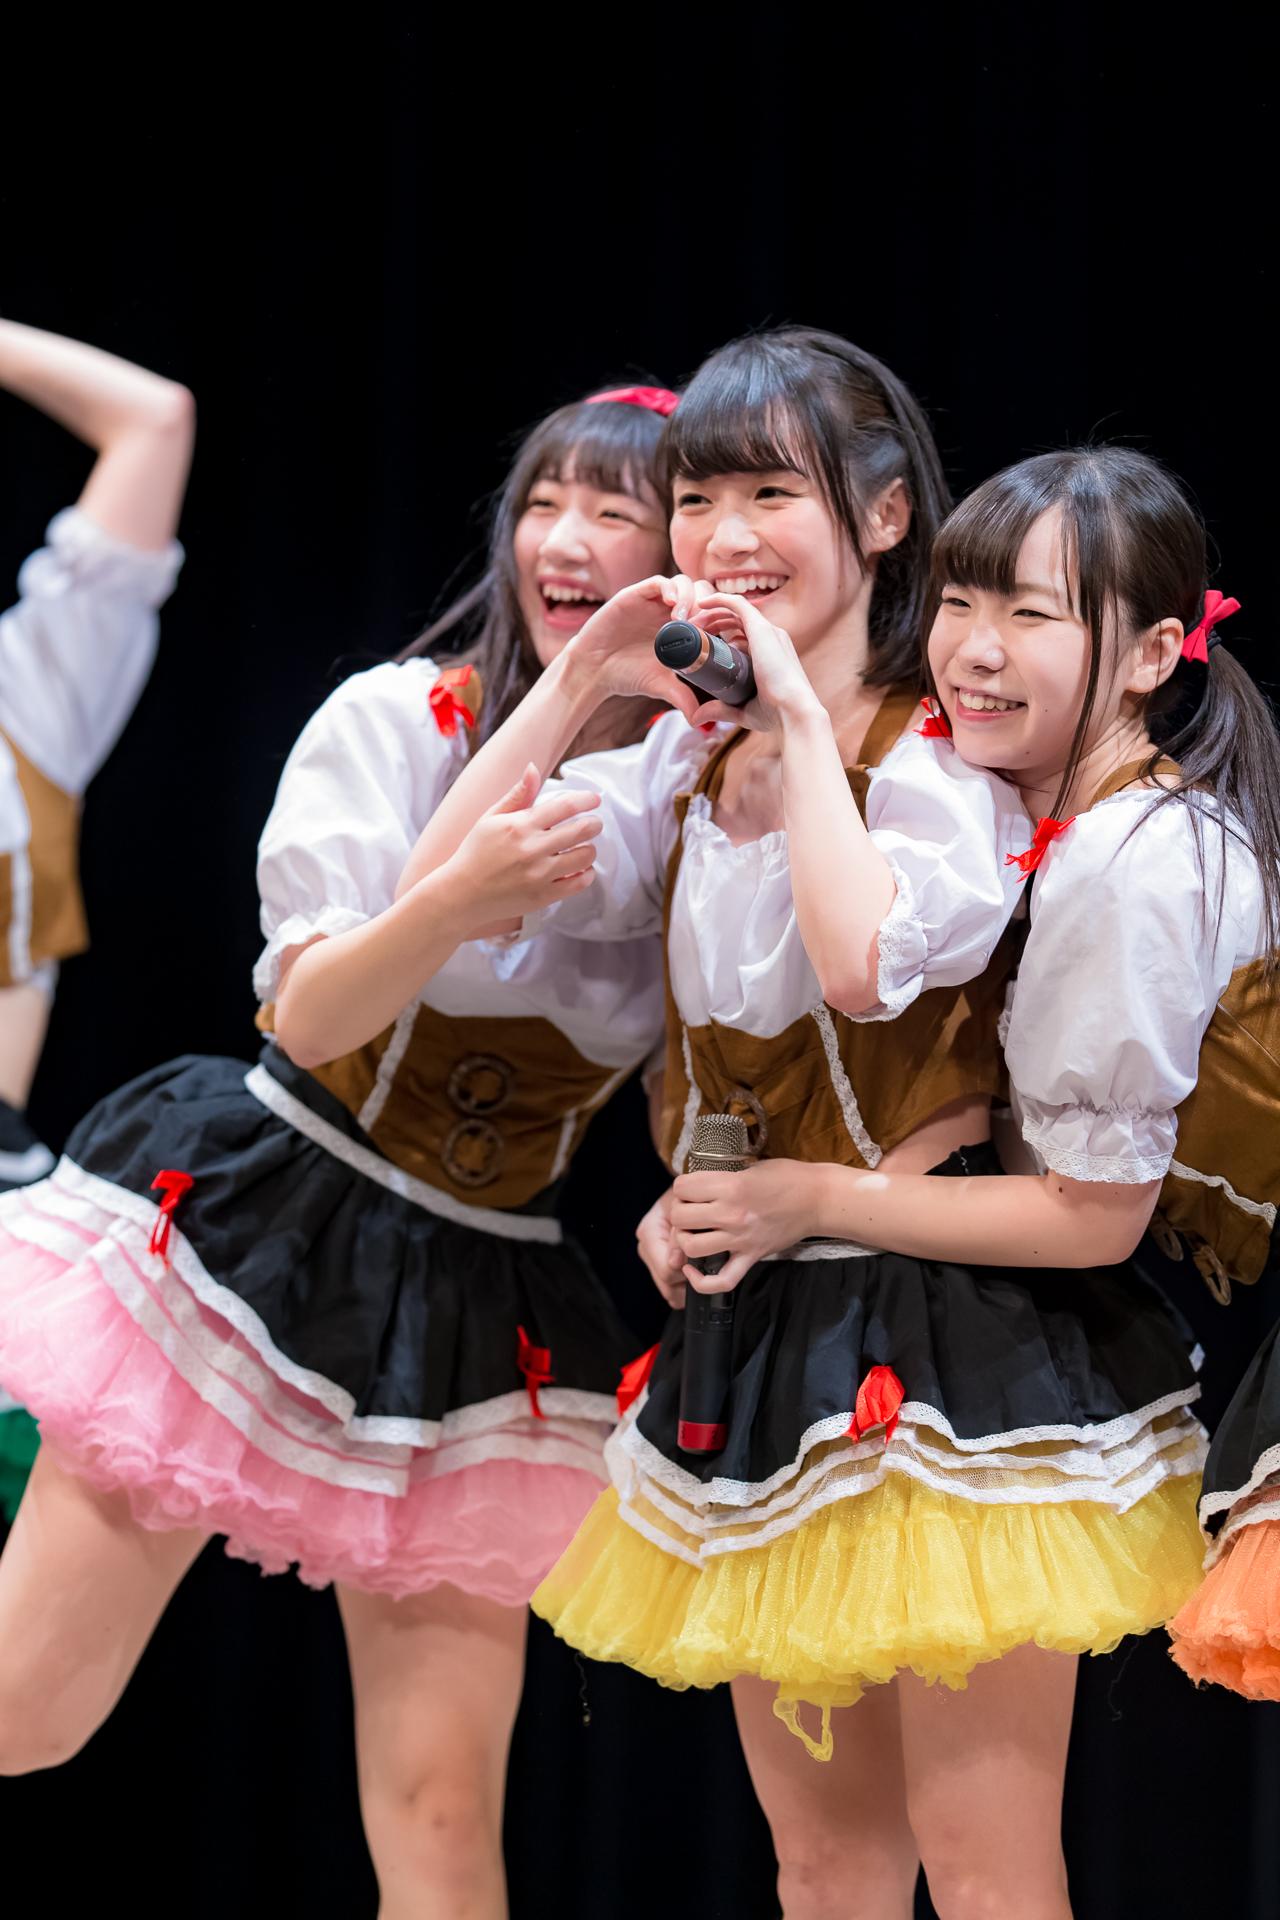 2代目HAPPY少女♪ みっちょ ( 本田みく ) | ウイングベイ小樽ヲタル座